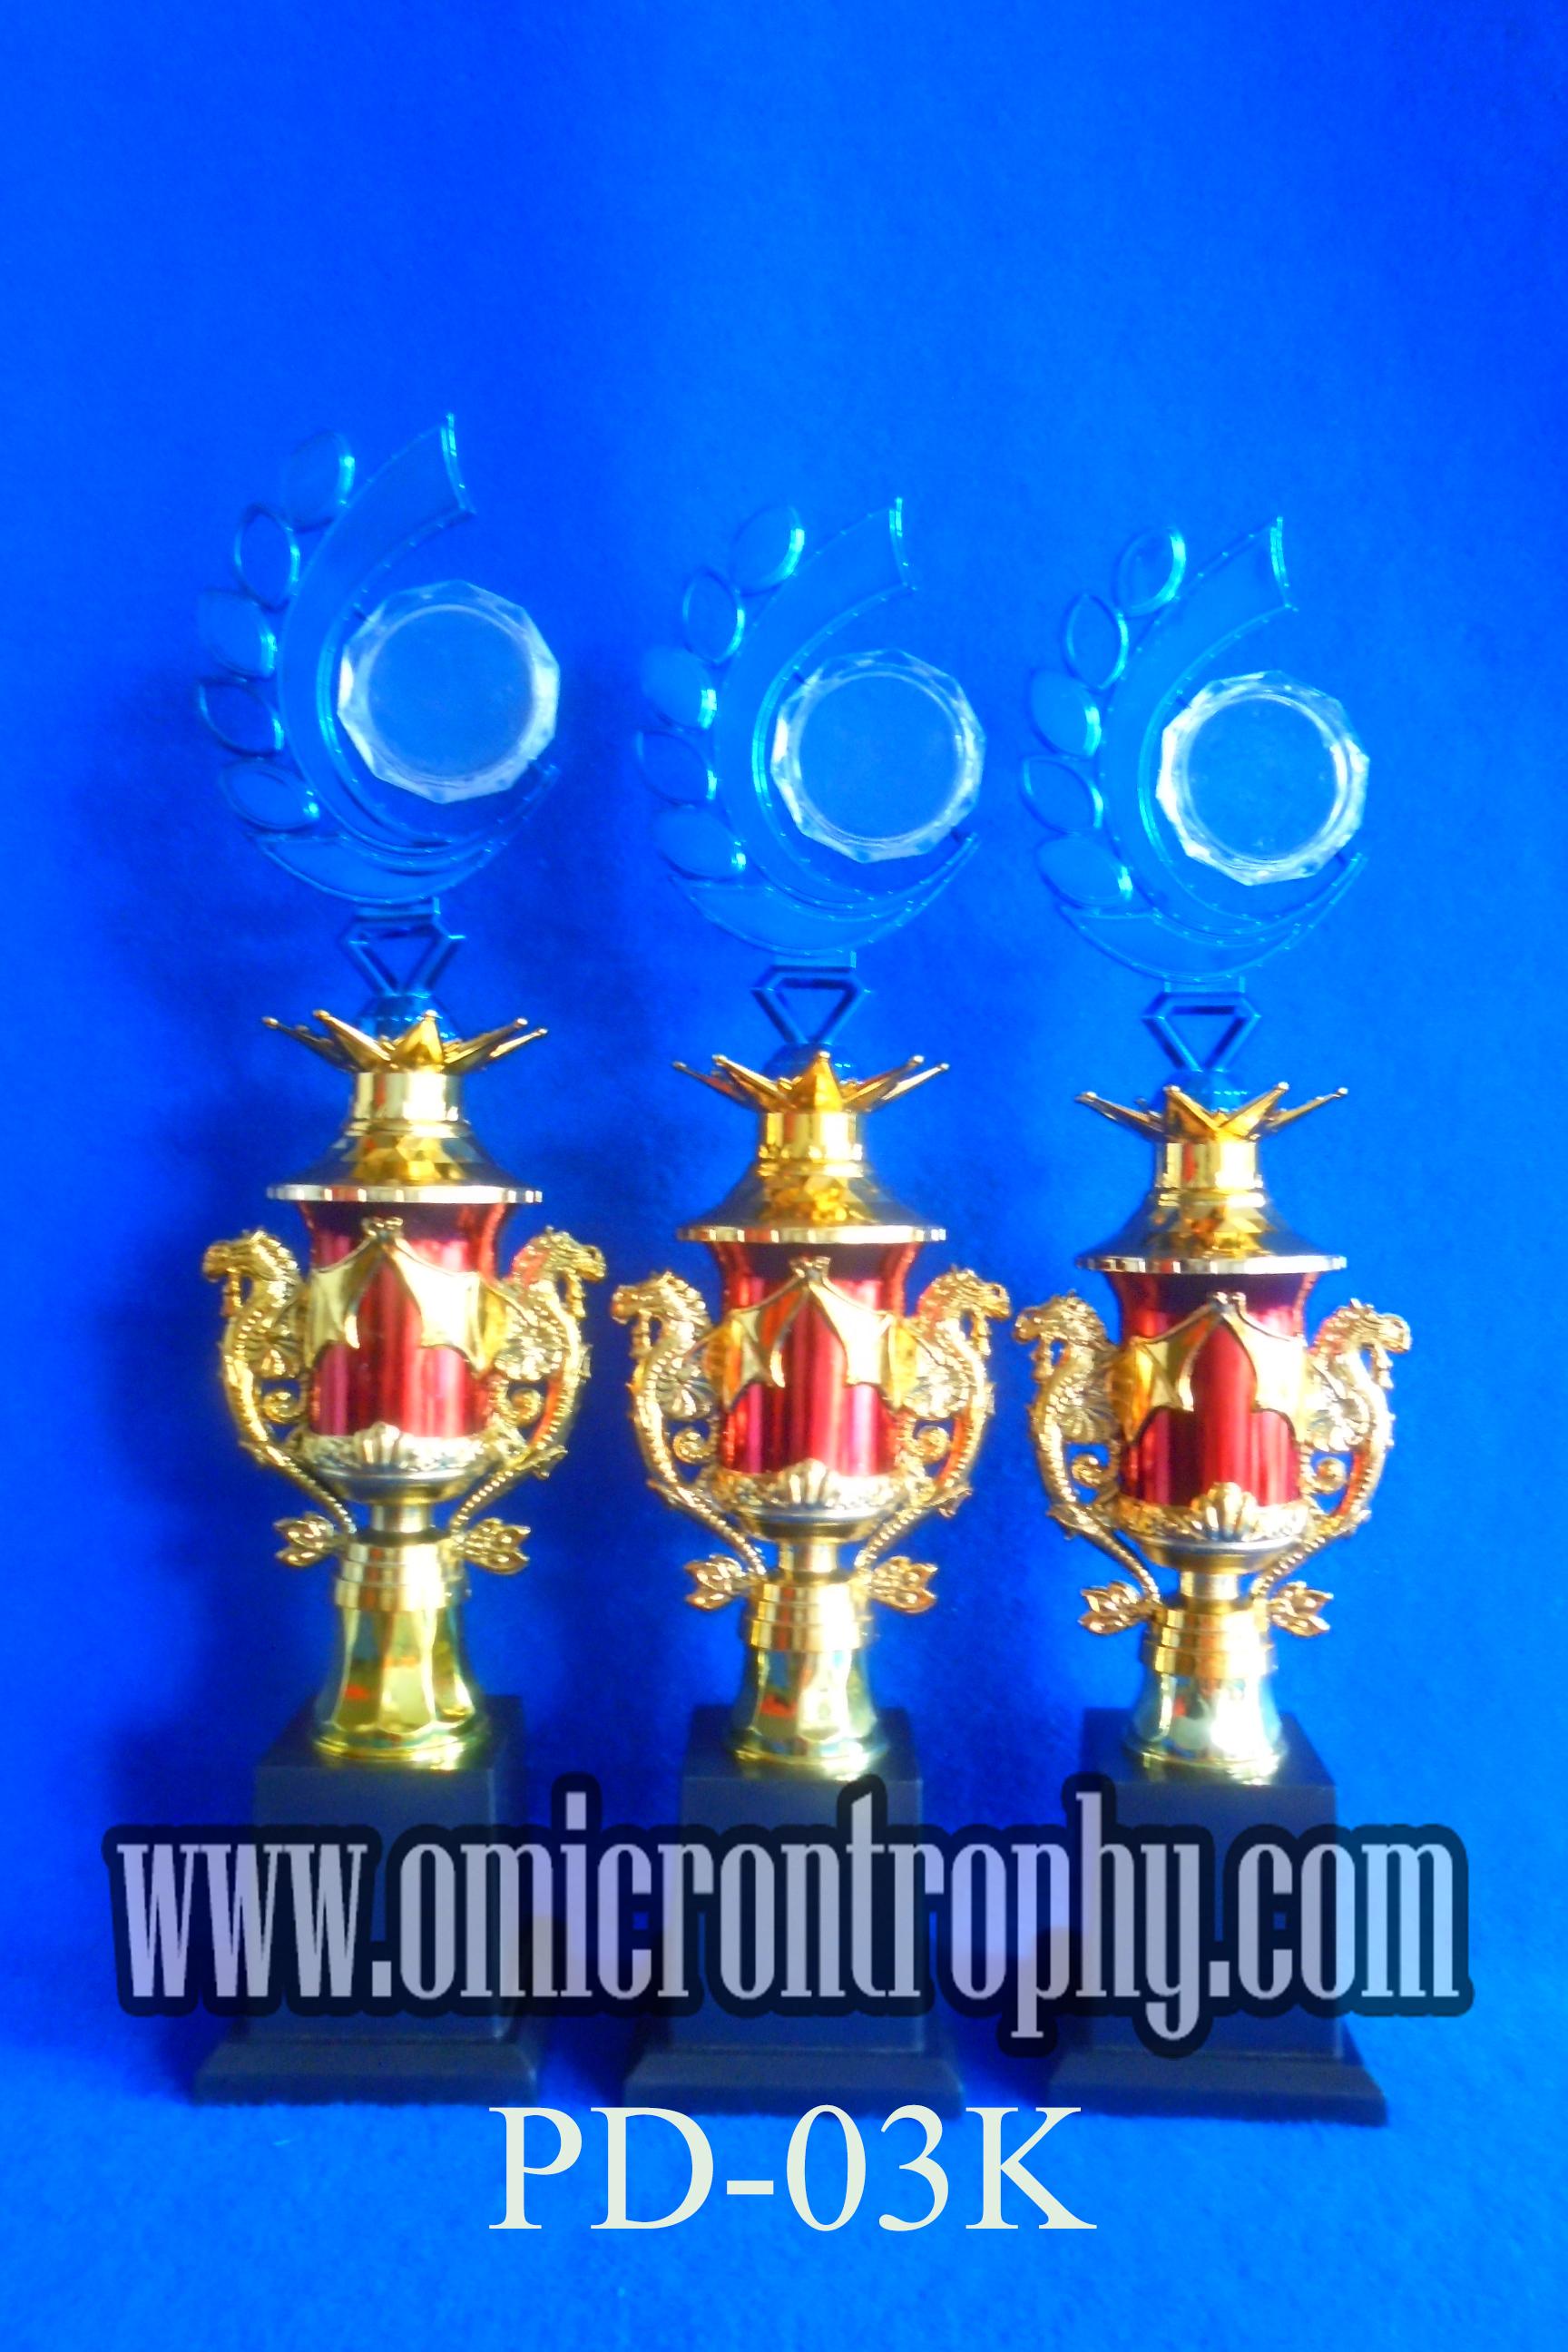 Sentral Produksi Trophy Plastik Semarang Surabaya